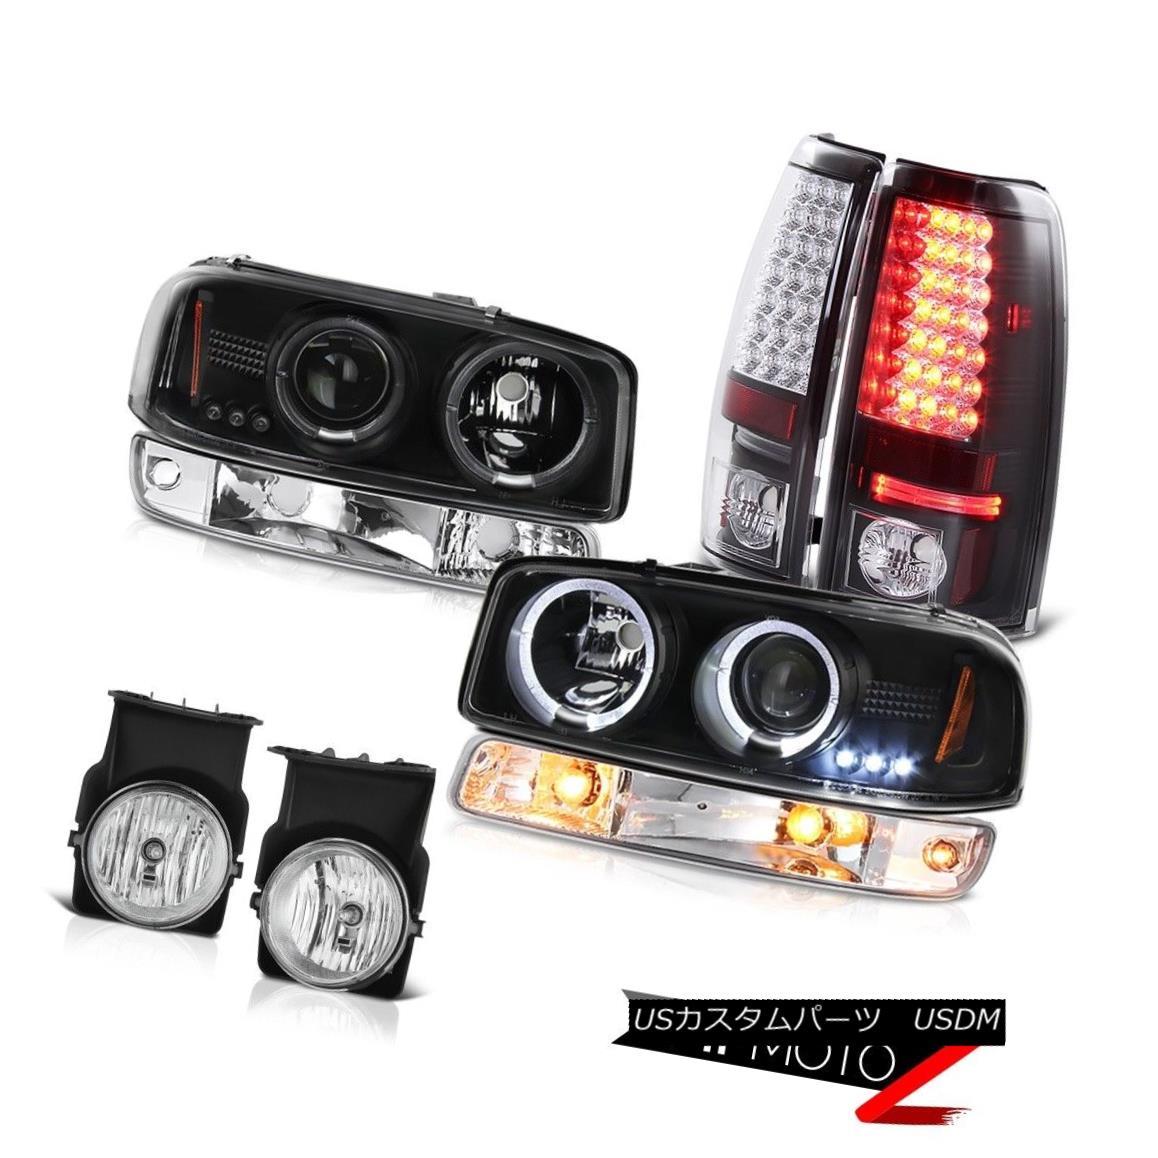 テールライト 03-06 Sierra 3500HD Euro chrome fog lights led taillamps bumper light headlights 03-06シエラ3500HDユーロクロームフォグライトテールランプバンパーライトヘッドライトを導いた